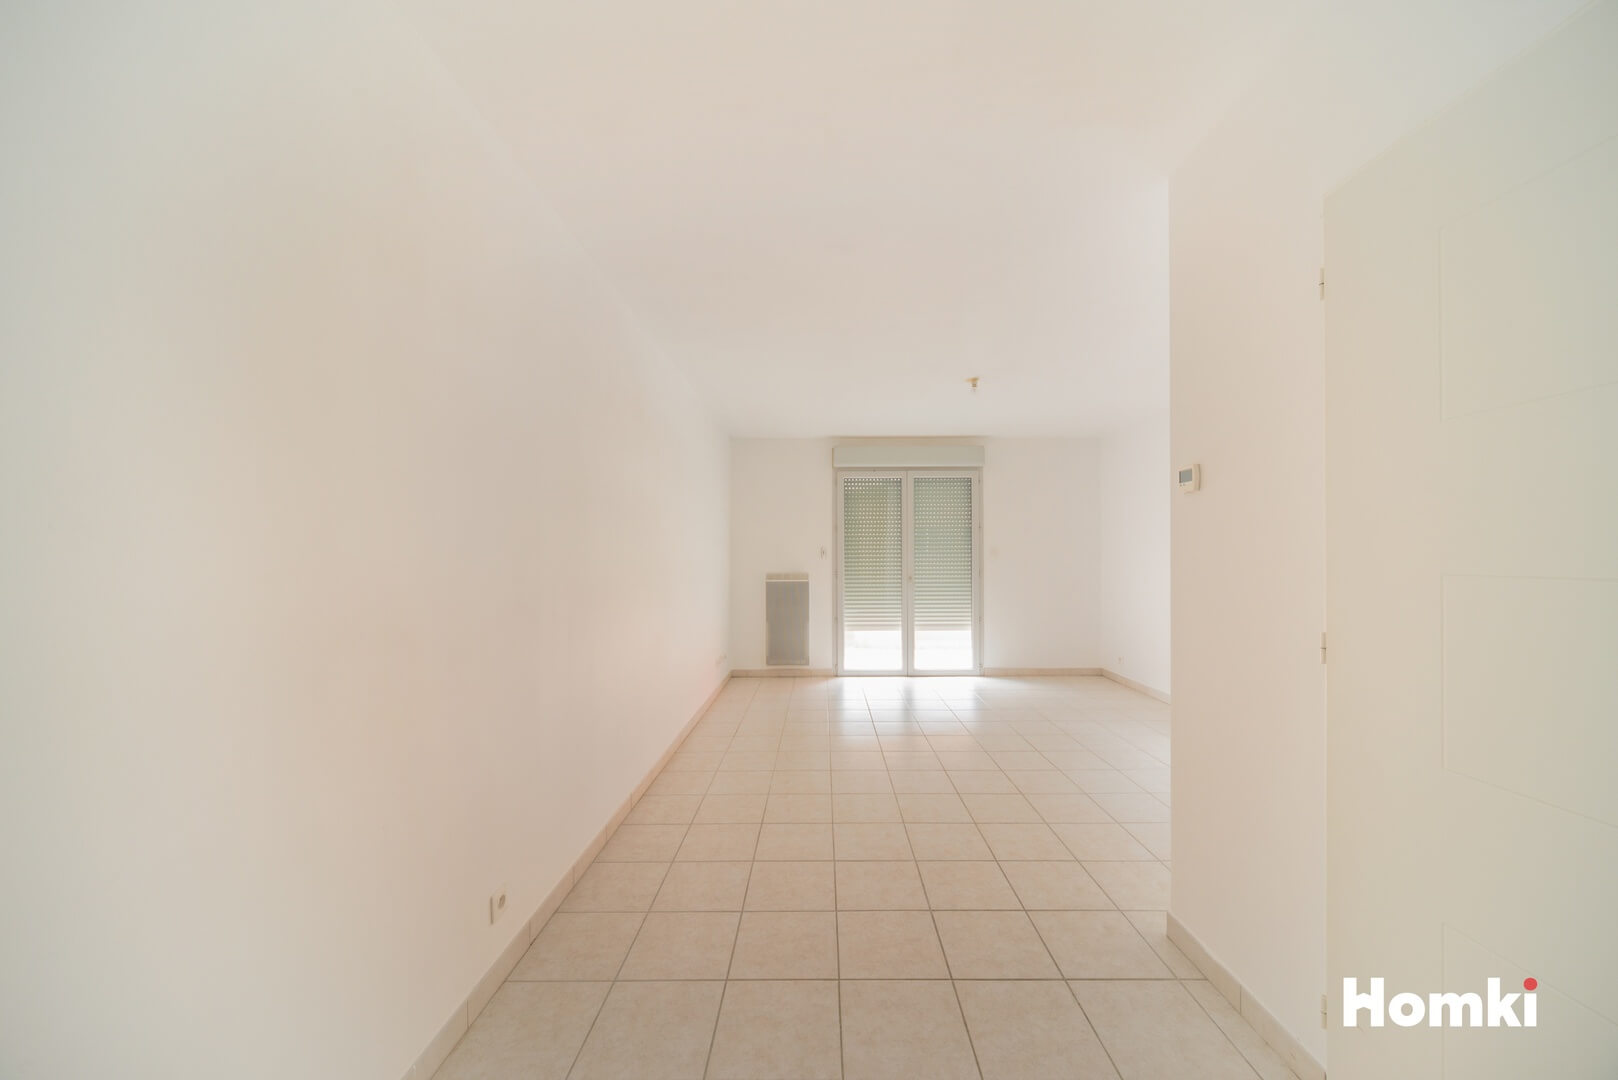 Homki - Vente Immeuble  de 696.0 m² à Confrançon 01310